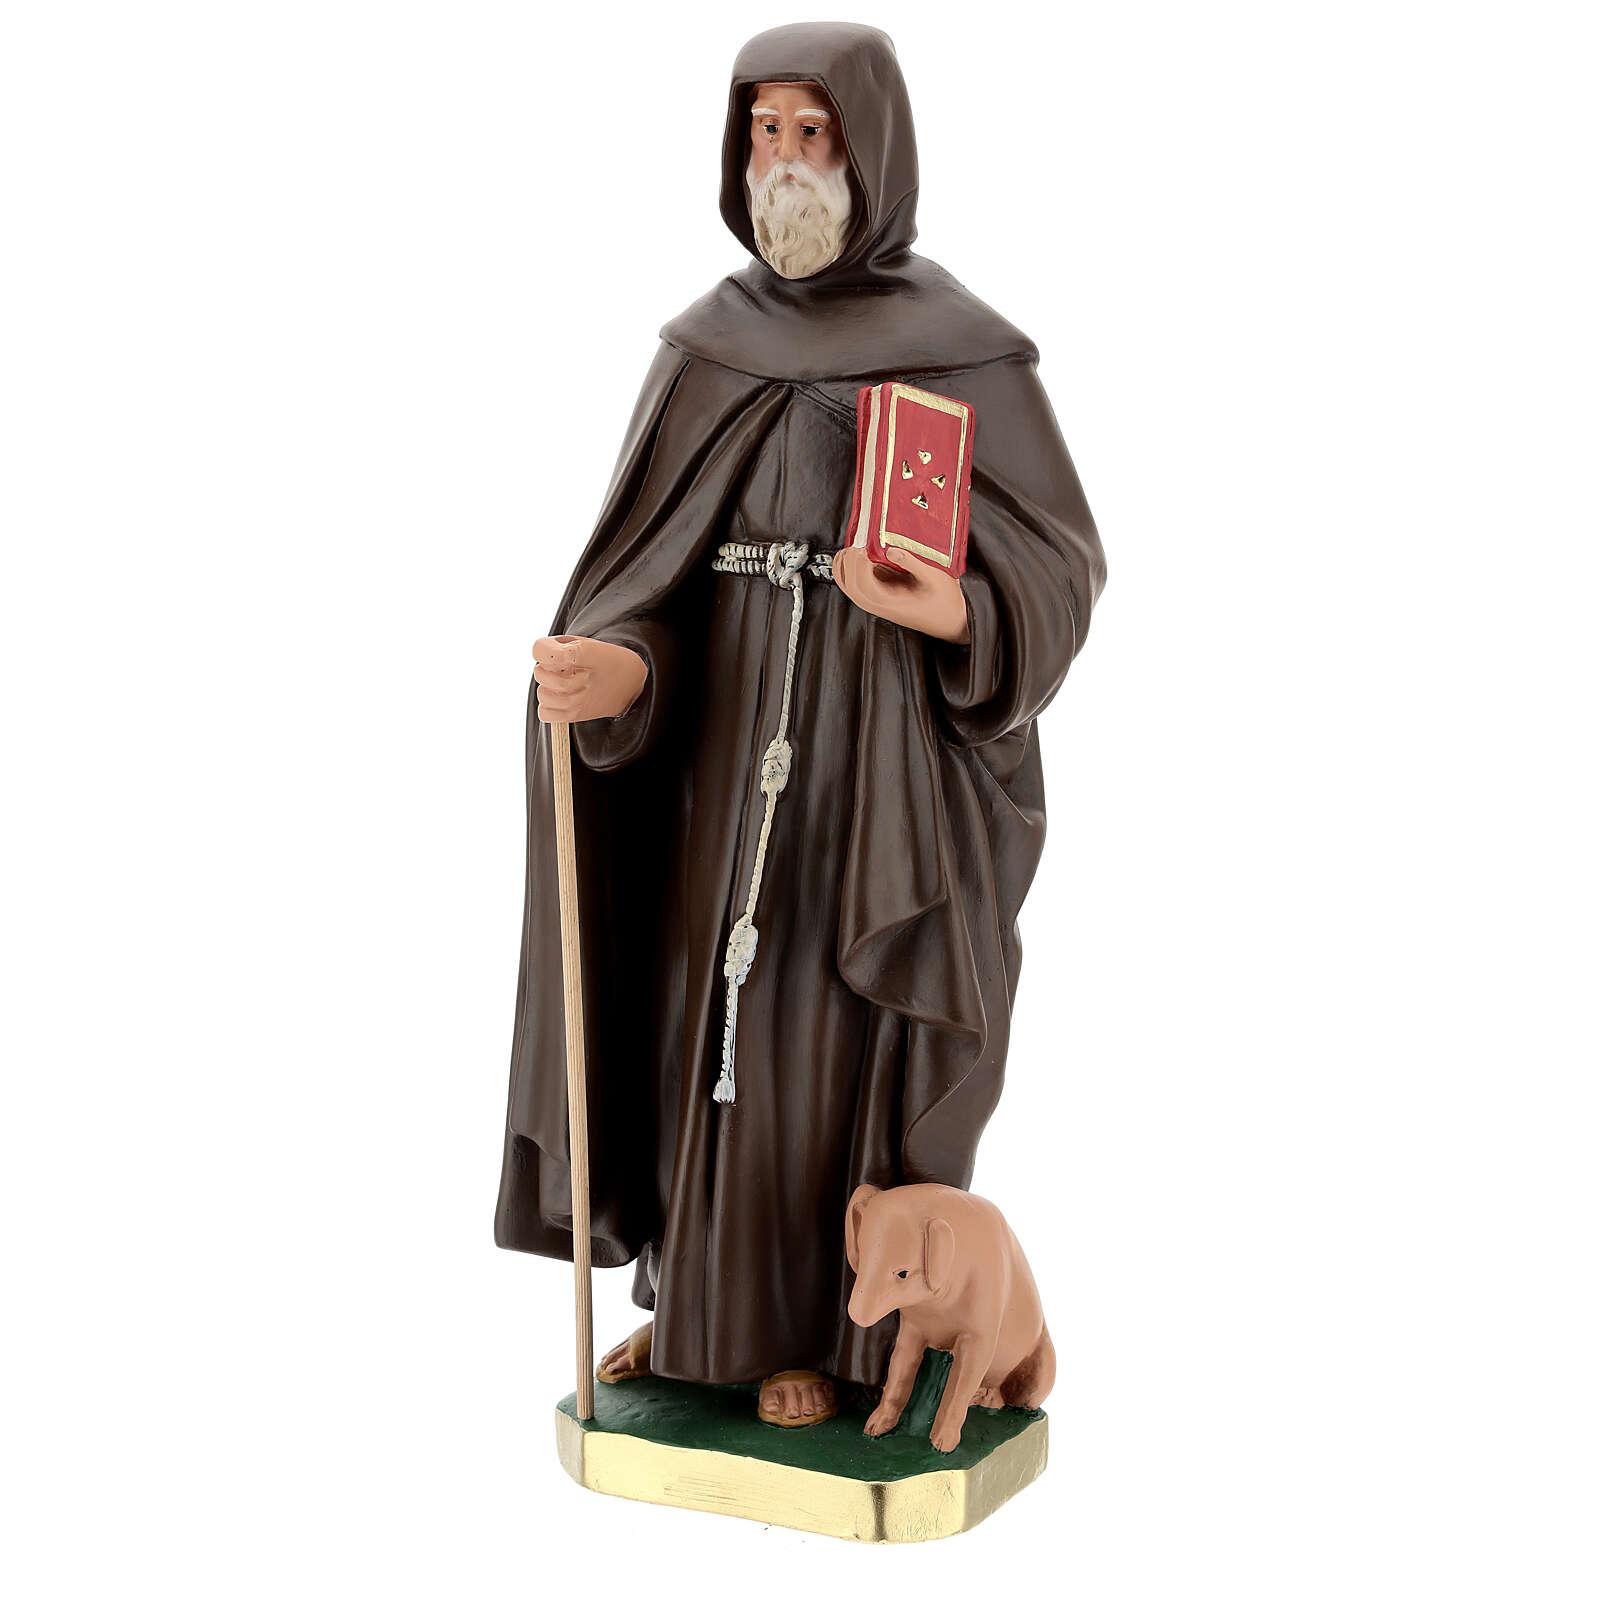 Statue of St Anthony the Abbot 50 cm, plaster Arte Barsanti 4